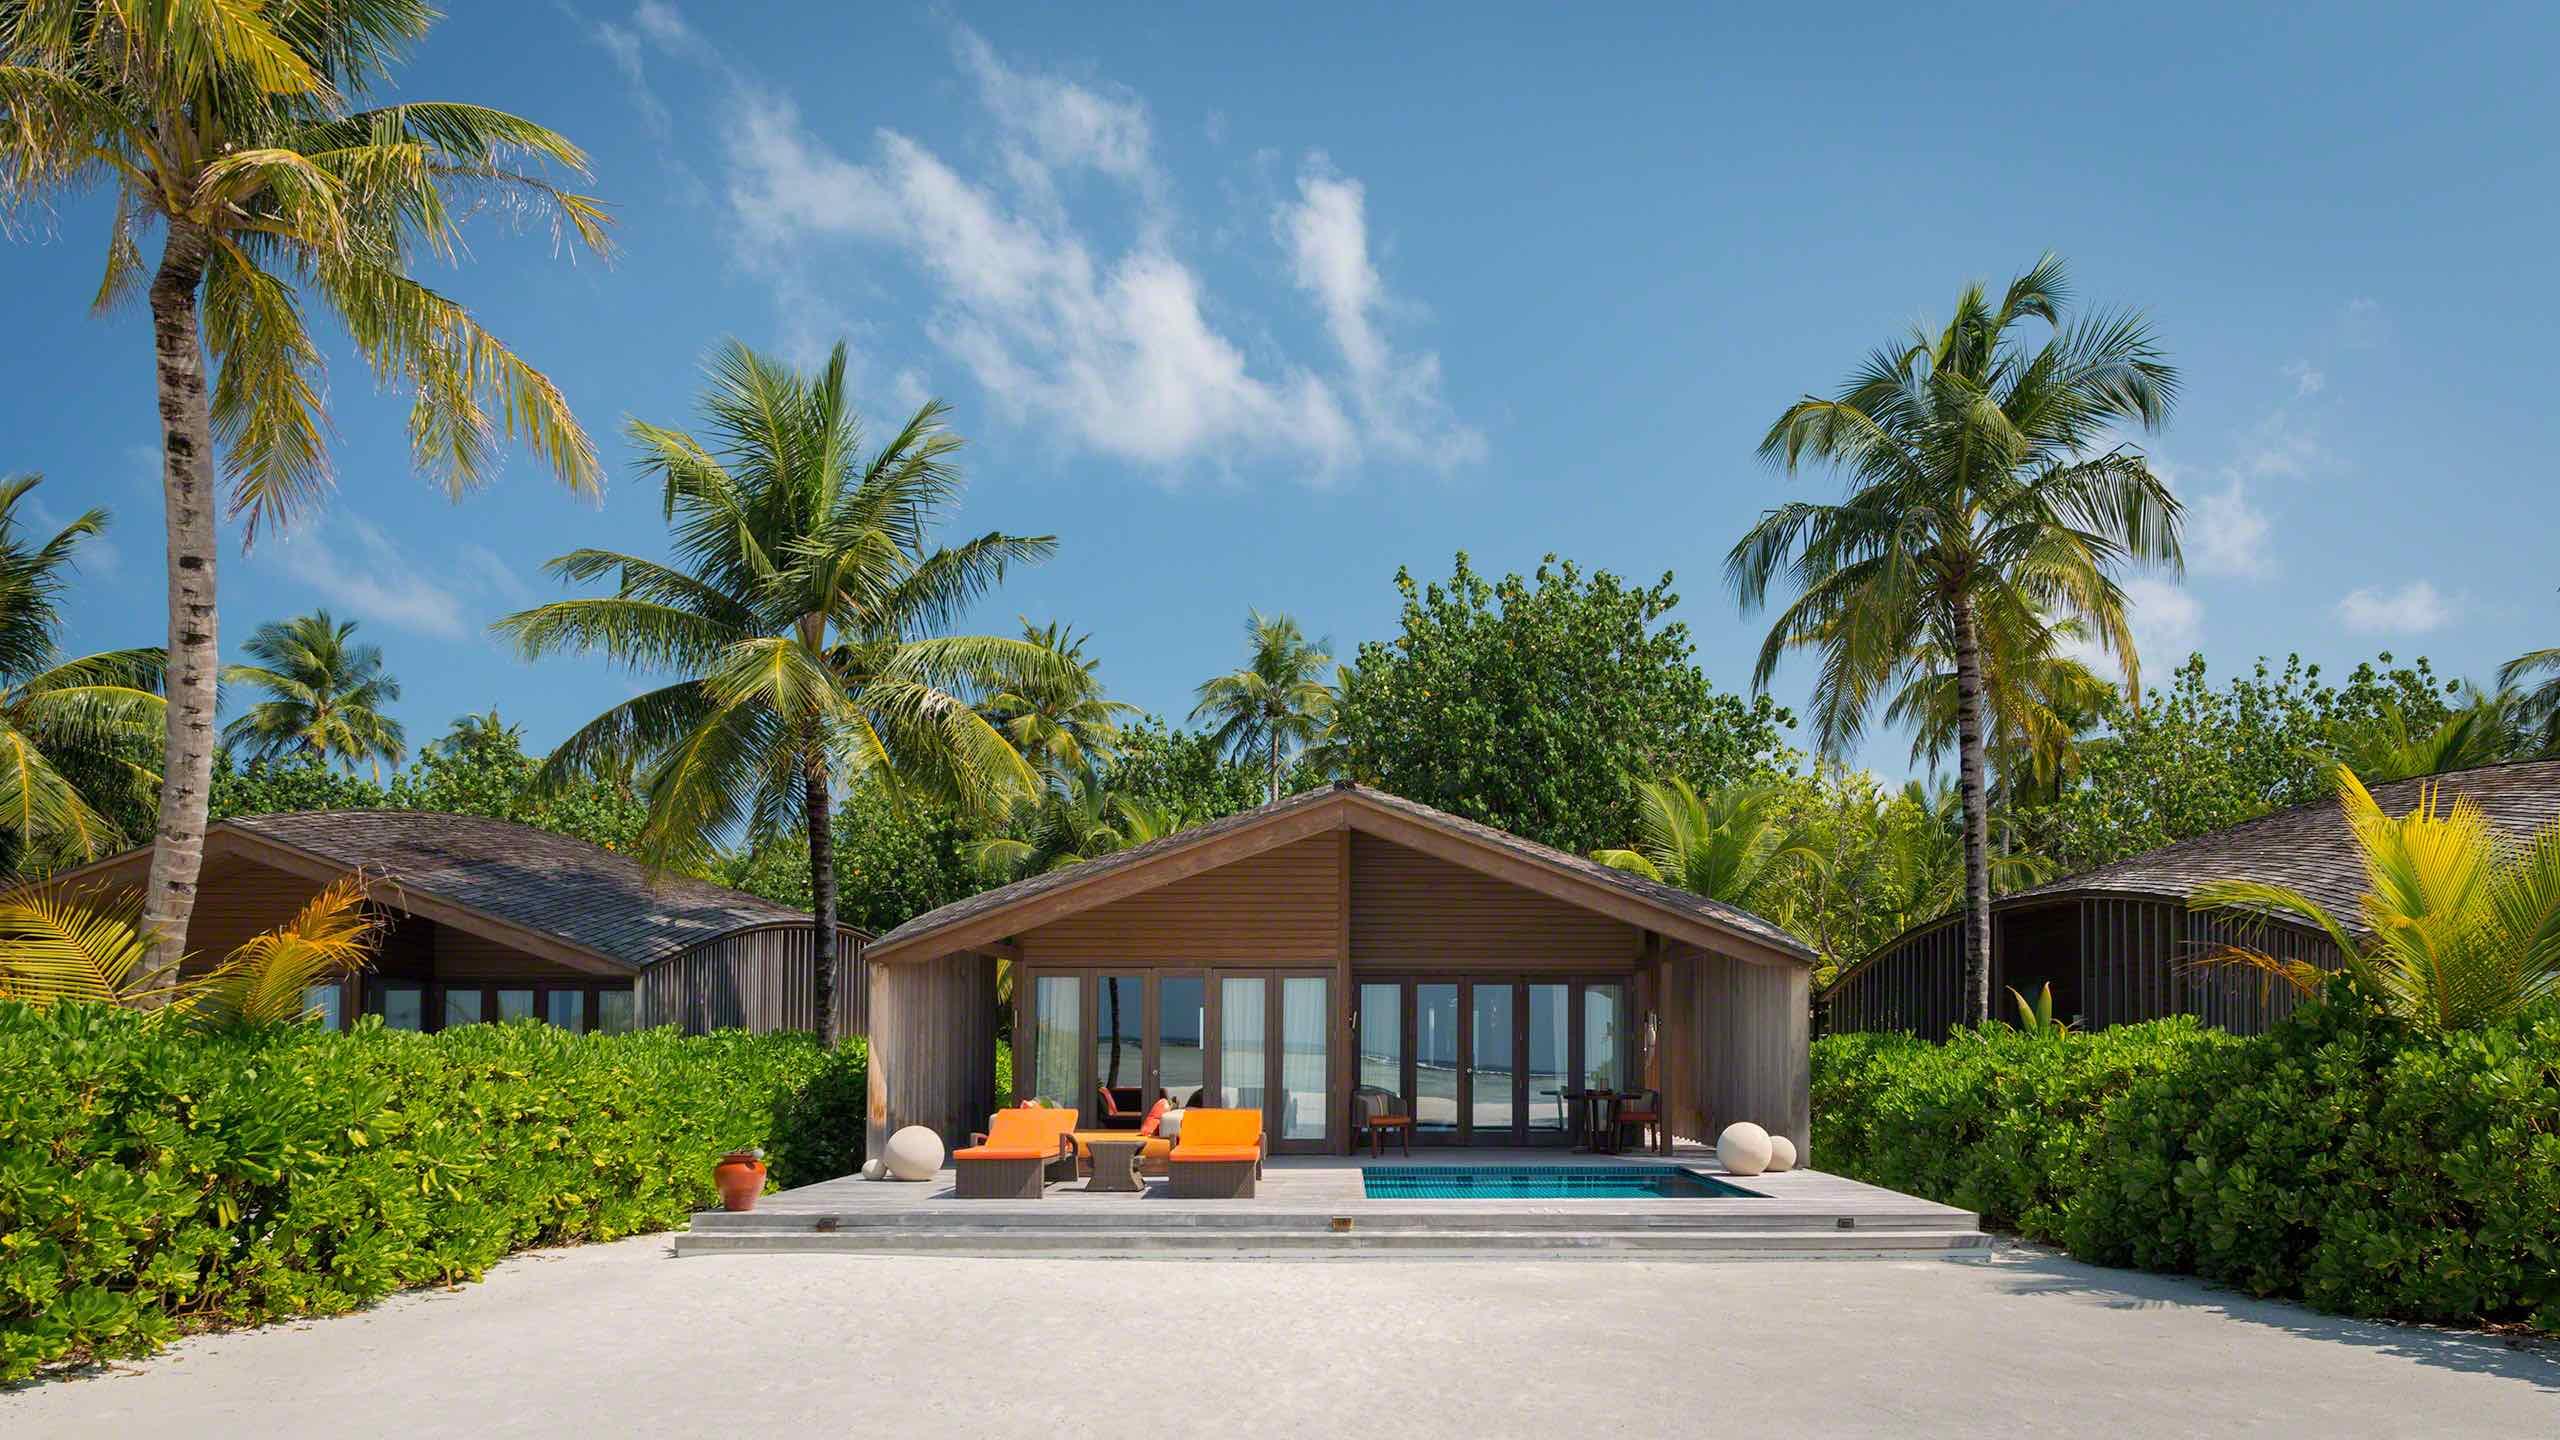 168 Quadratmeter große Eco-Nature Sunrise Beach Villa, gefühlt alleine auf einer Trauminsel ©Mirco Seyfert